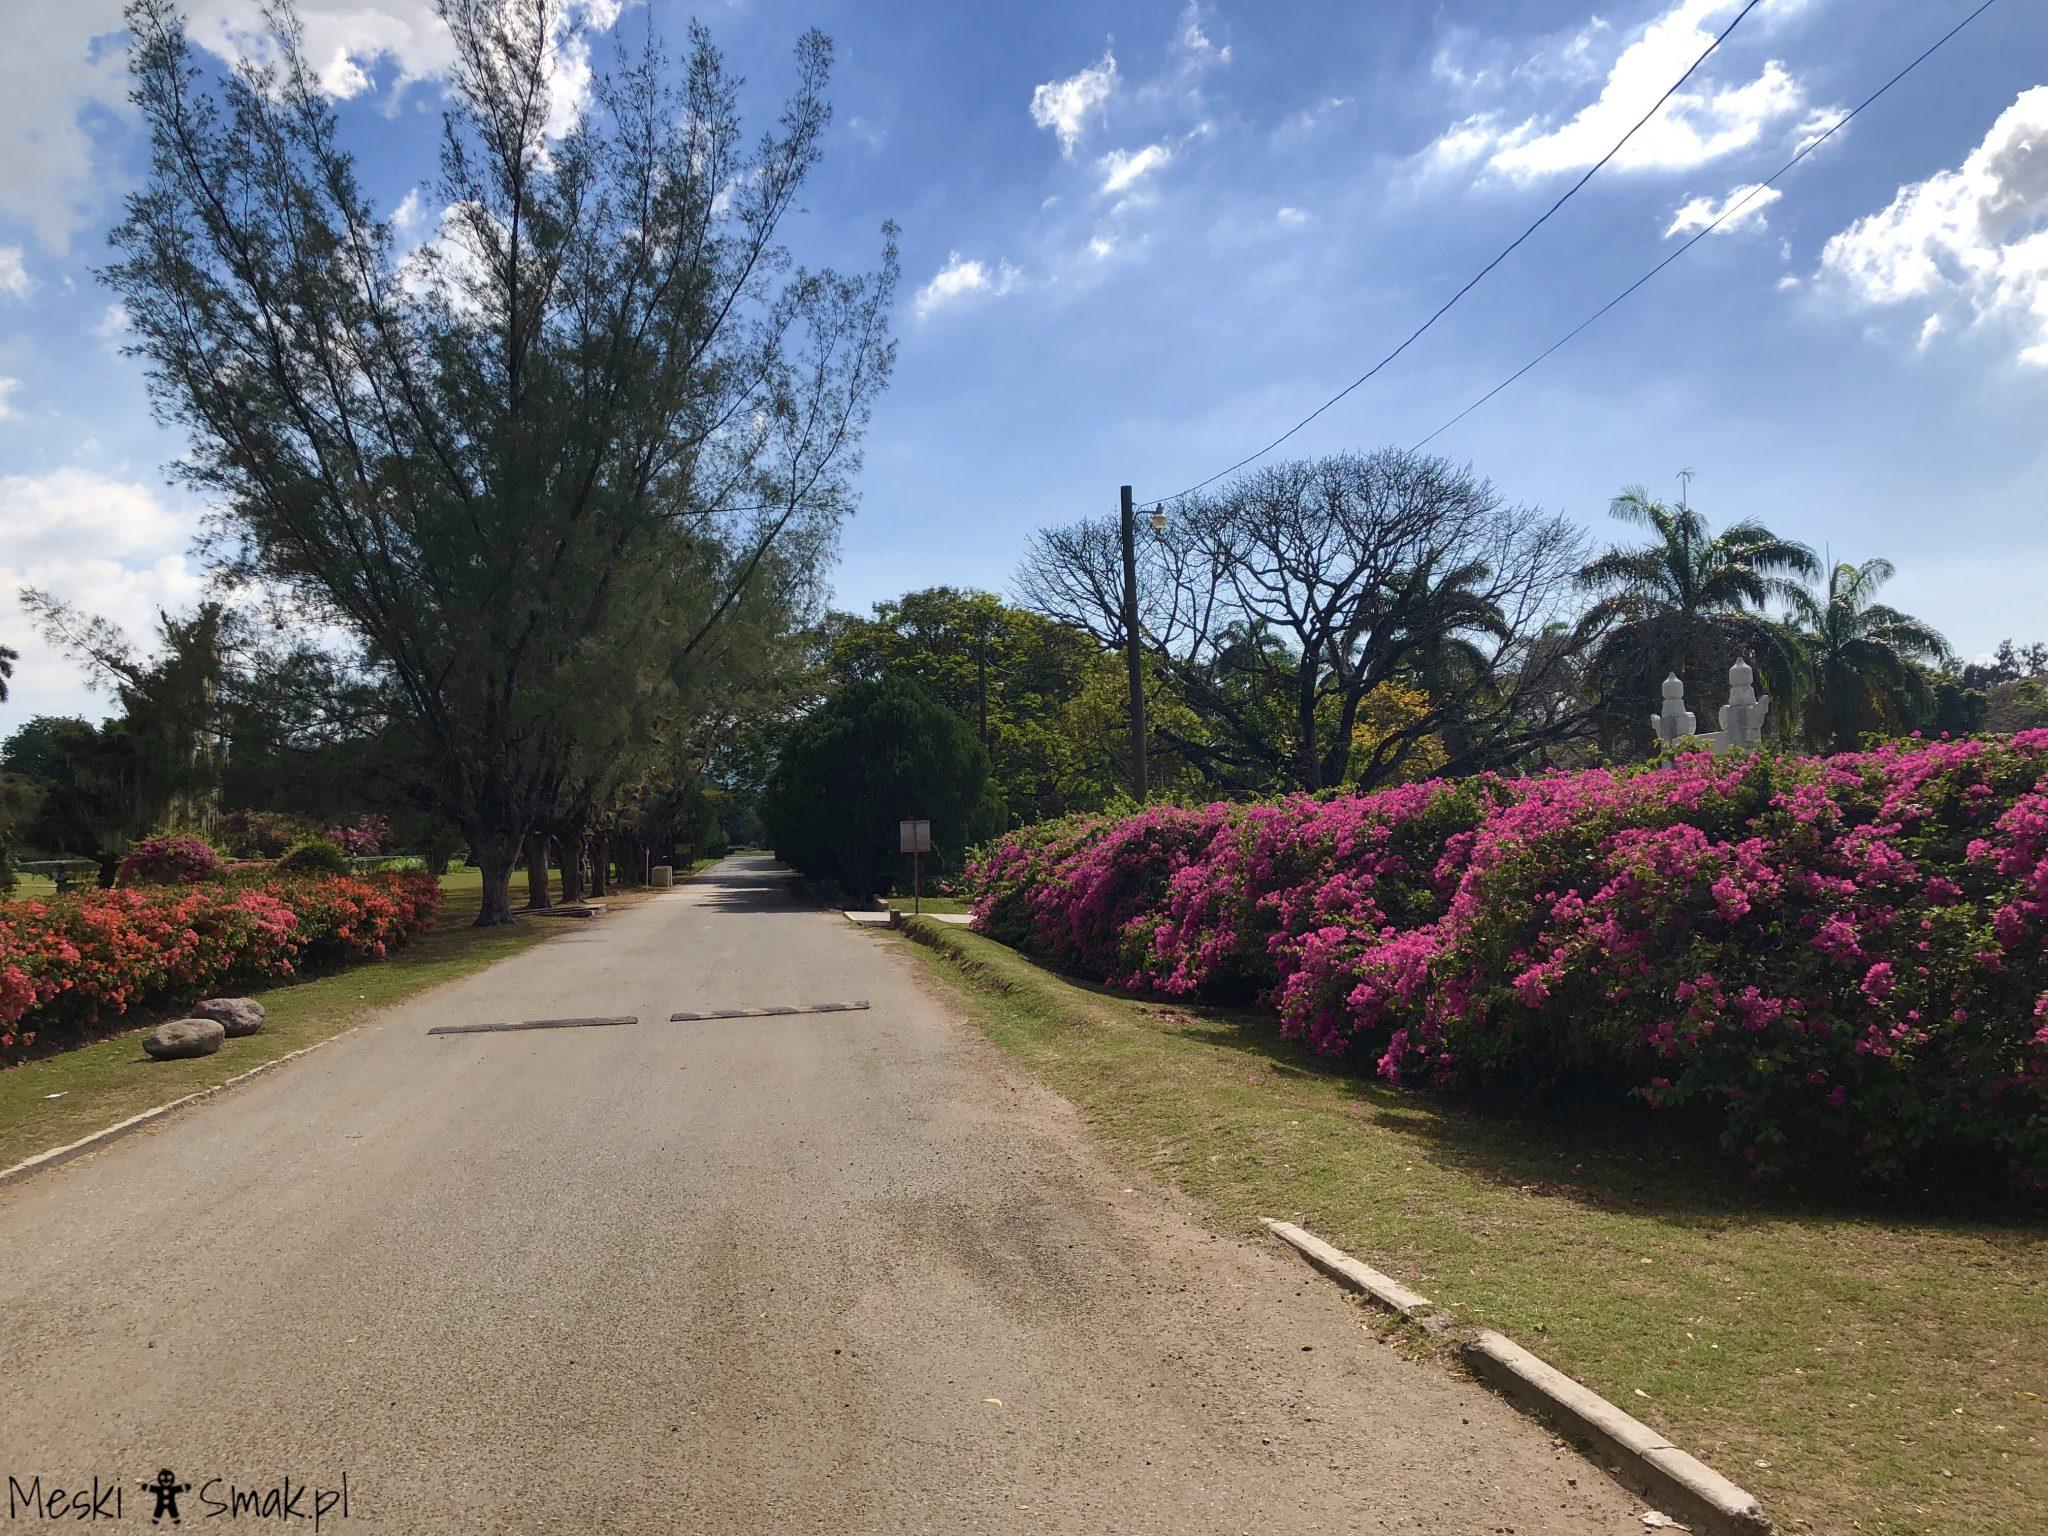 Wakacje i wycieczki Jamajka_wszystko o ogrodach Hope Gardens 10